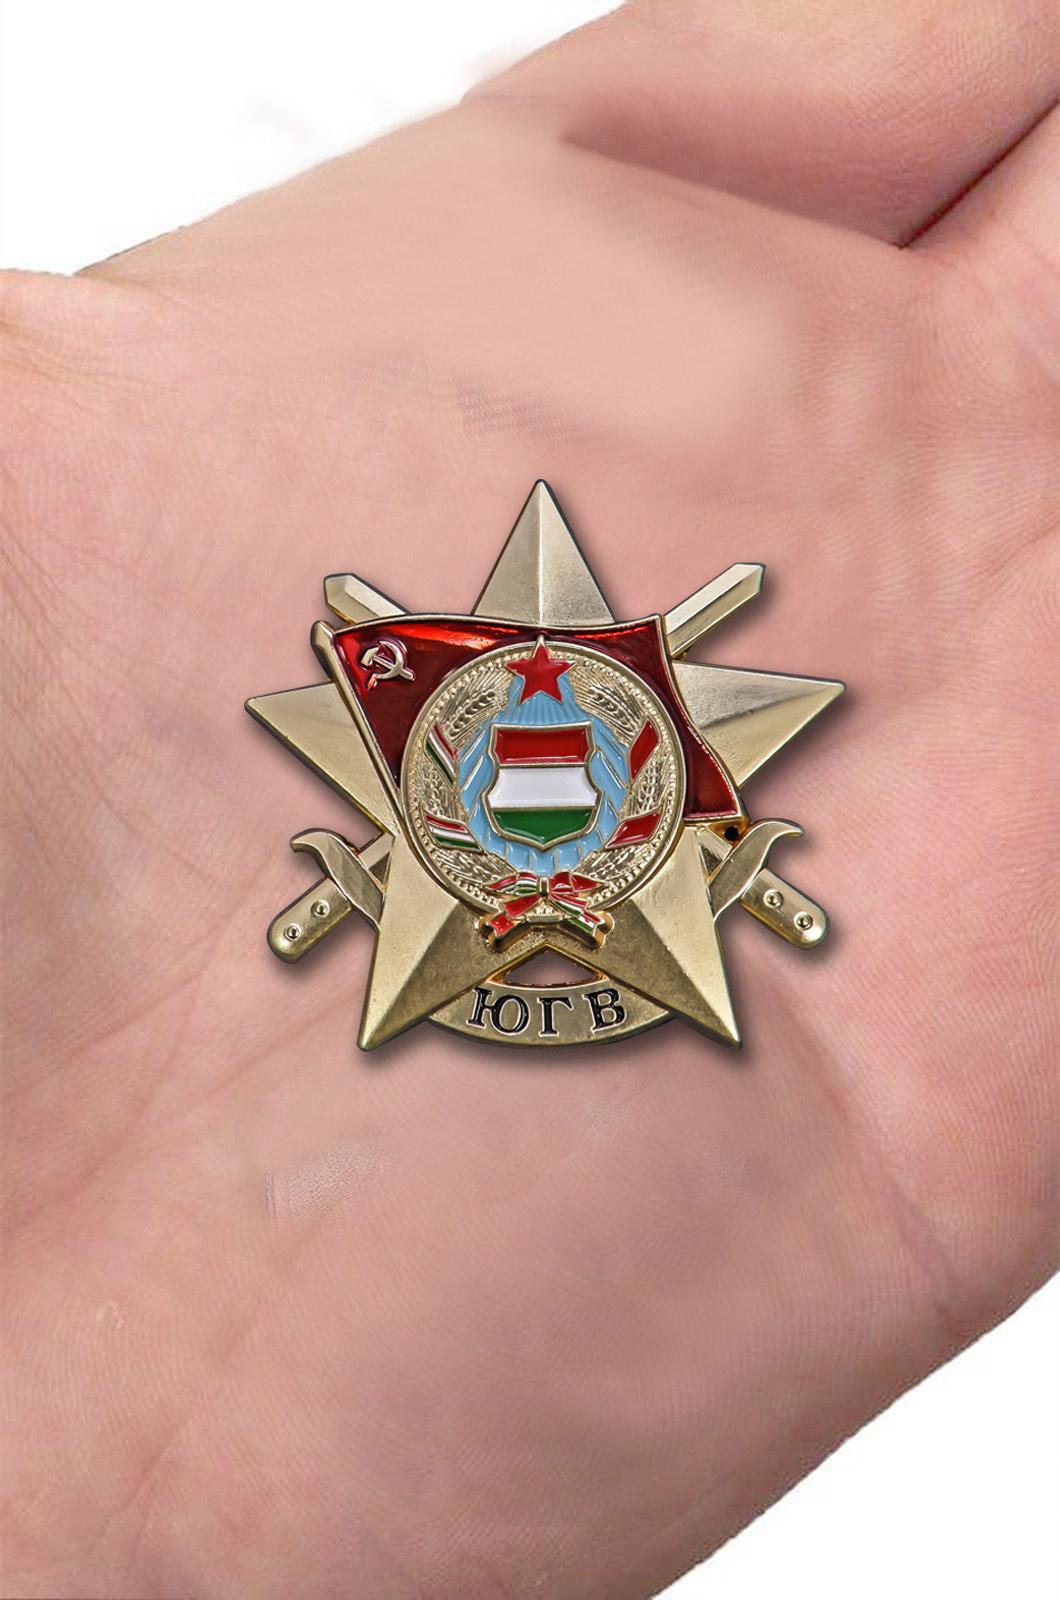 Латунная звезда ЮГВ (Венгрия) - вид на ладони